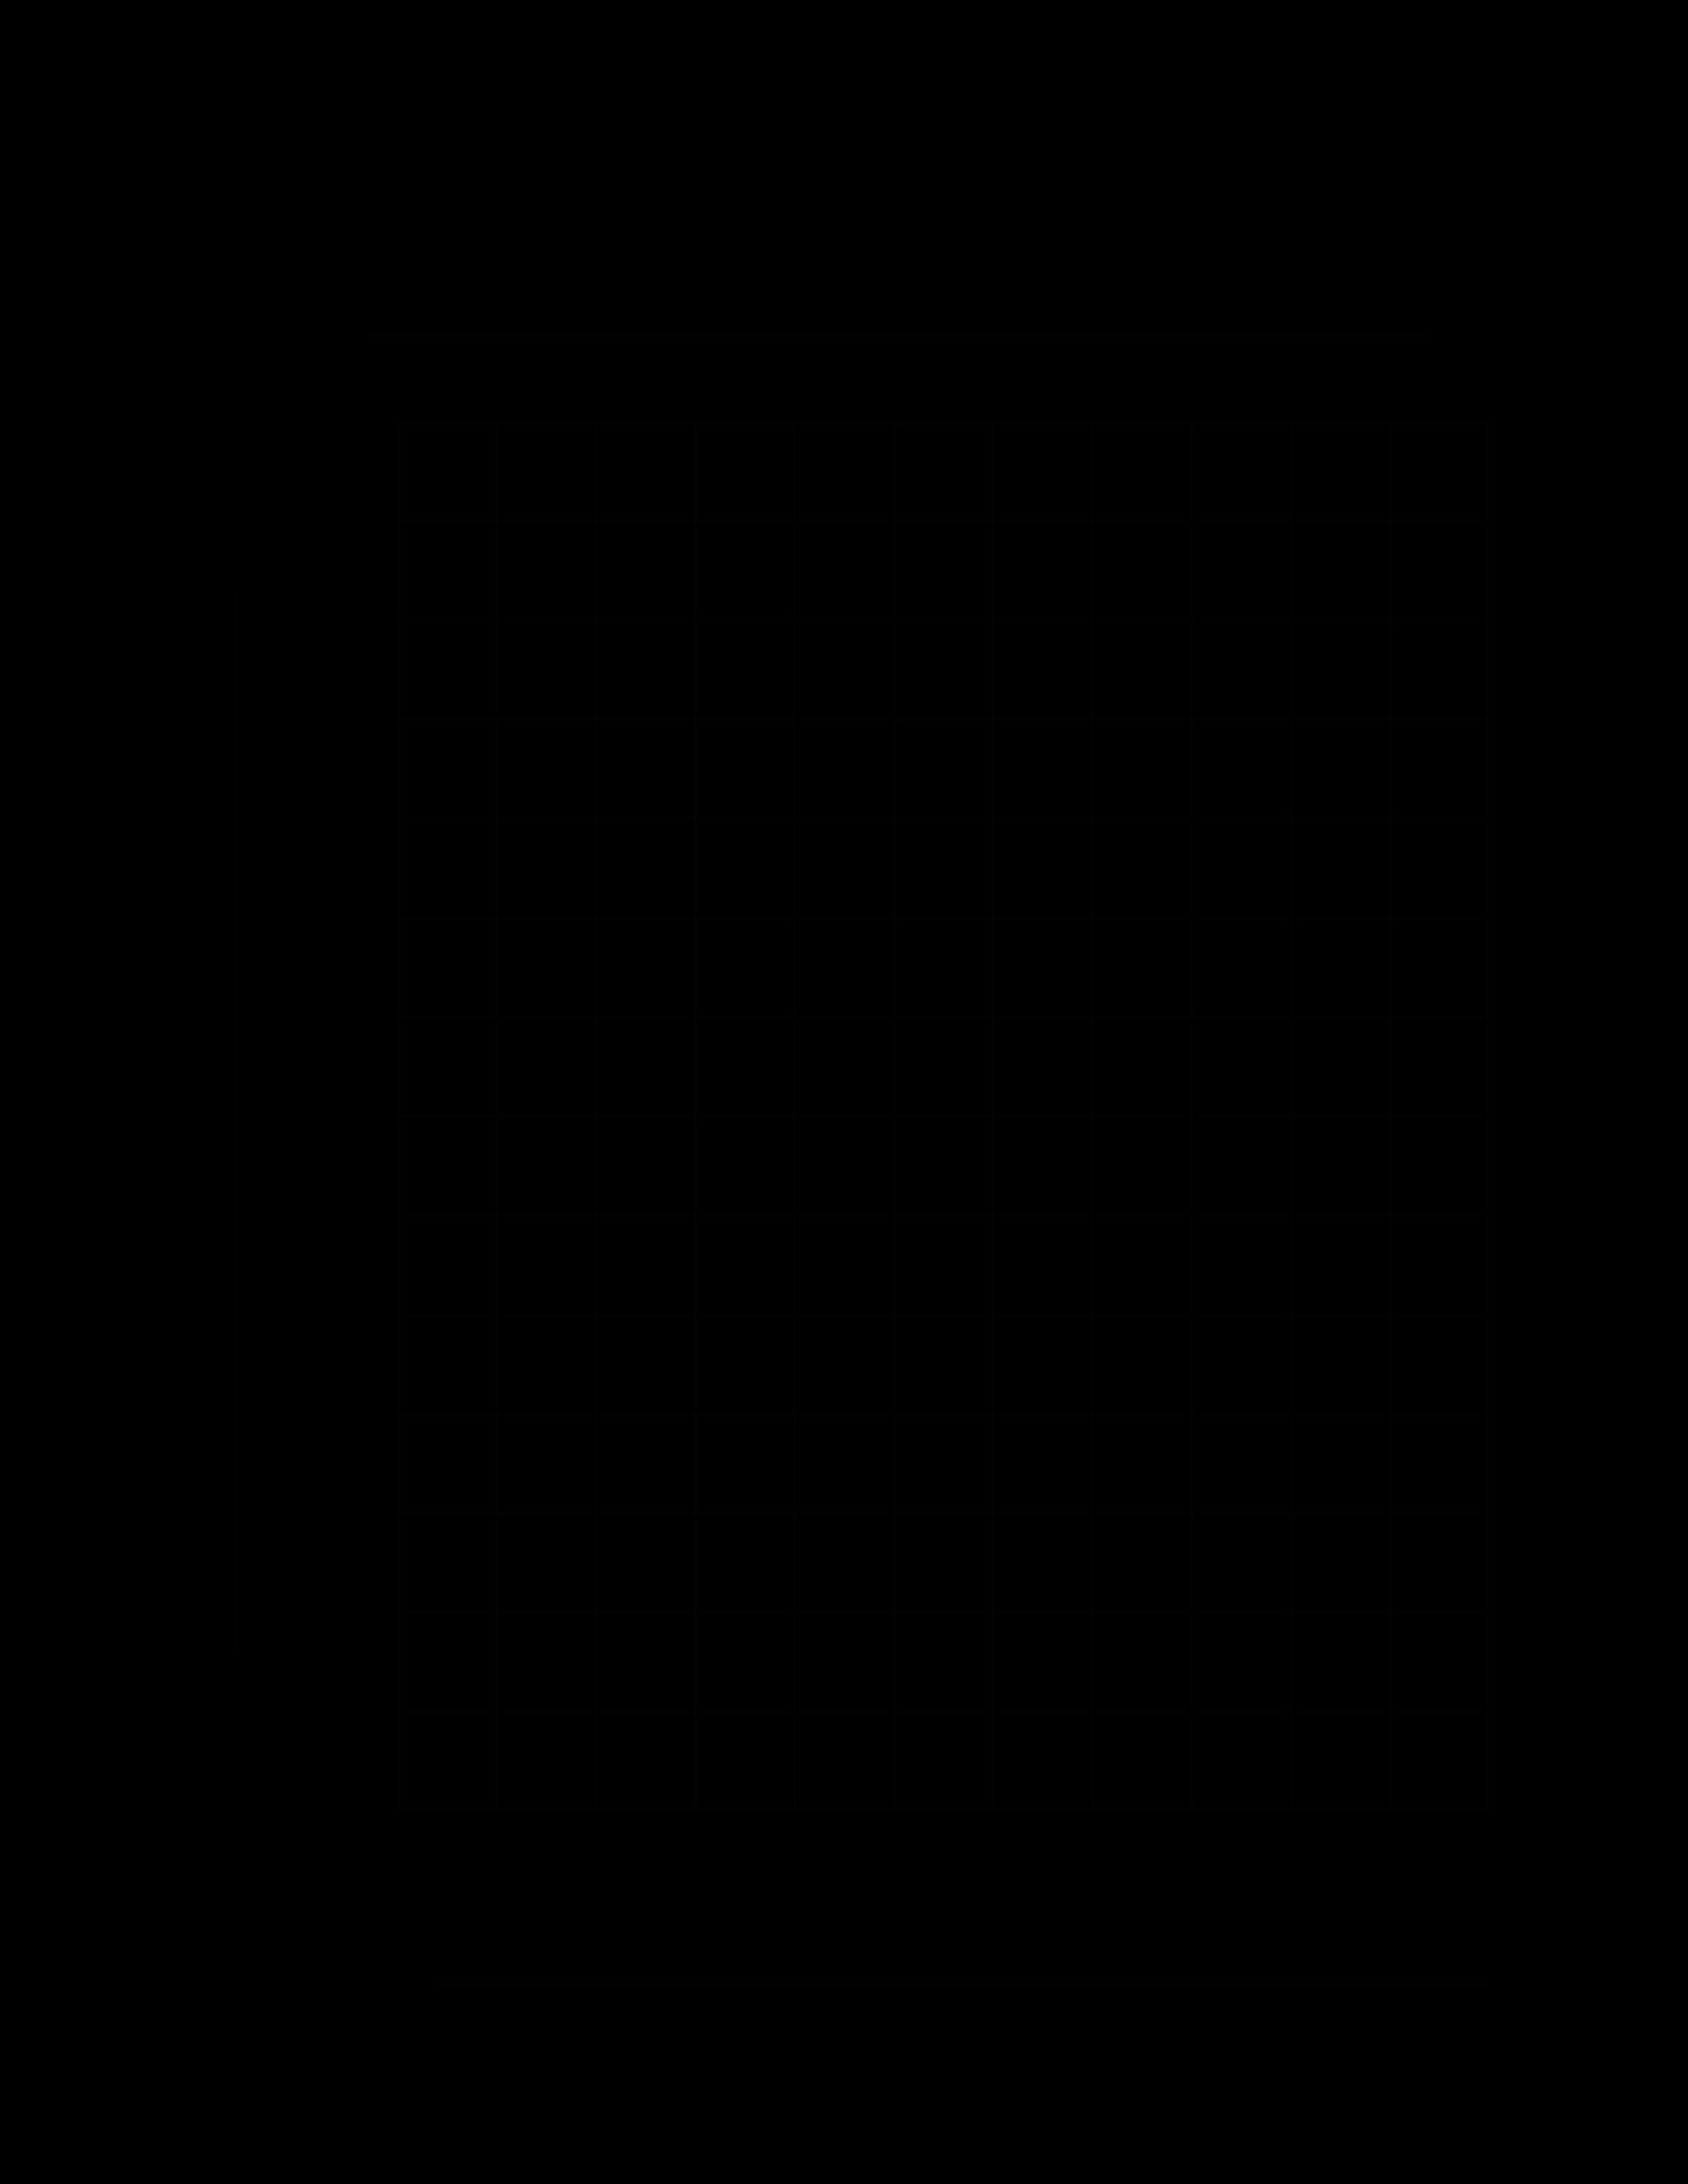 b8ddc0cb 5d54 4a6f 8f3c 4defe95679d0_1 free generic bar graph templates at allbusinesstemplates com